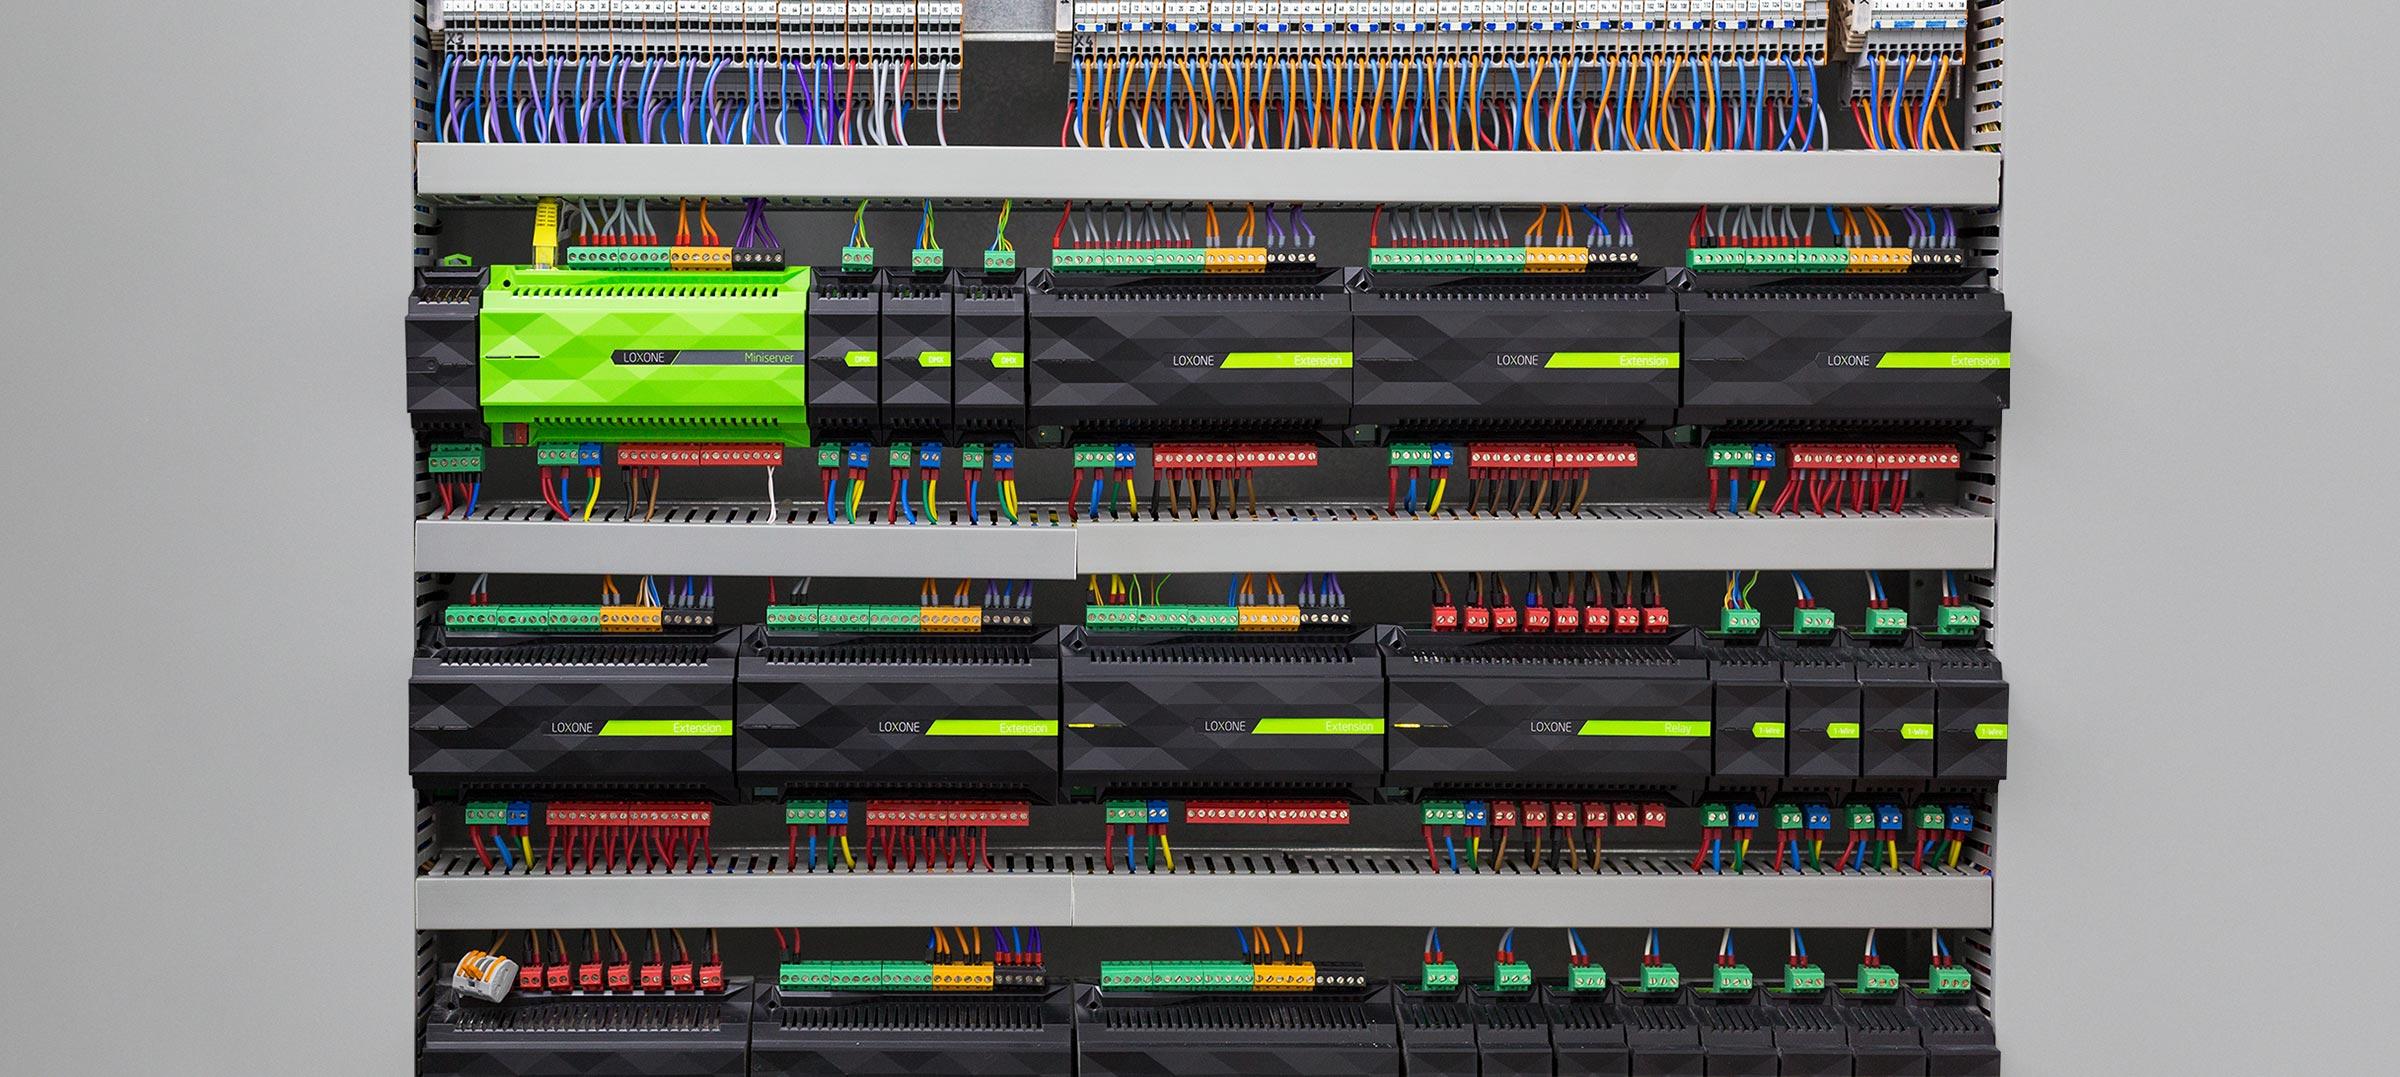 Fotografie Loxone Miniserveru a mnoho extensionů v rozvaděči